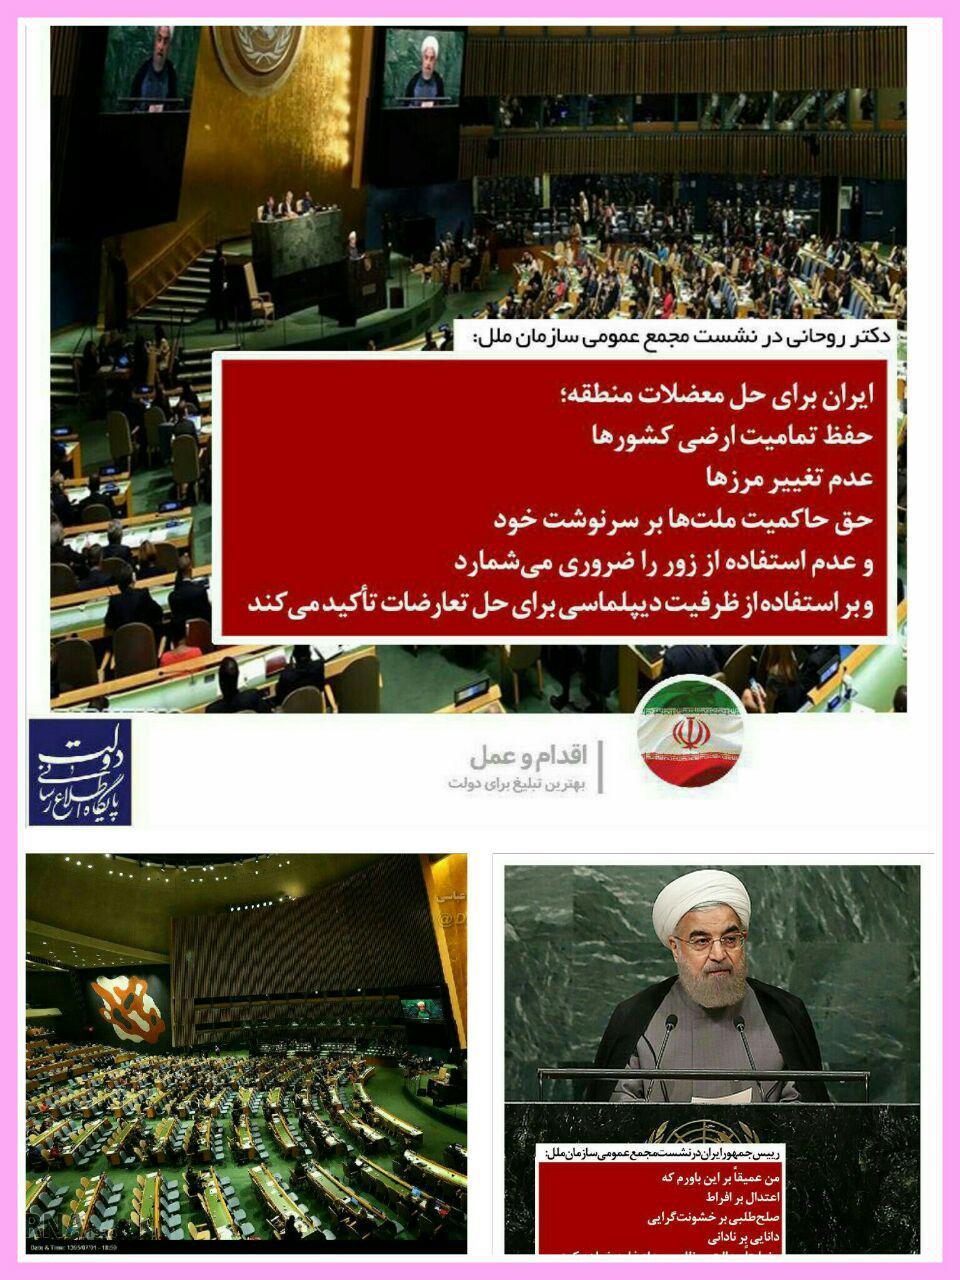 ترفند دولت برای سانسور صندلیهای خالی در سخنرانی روحانی! +تصاویر